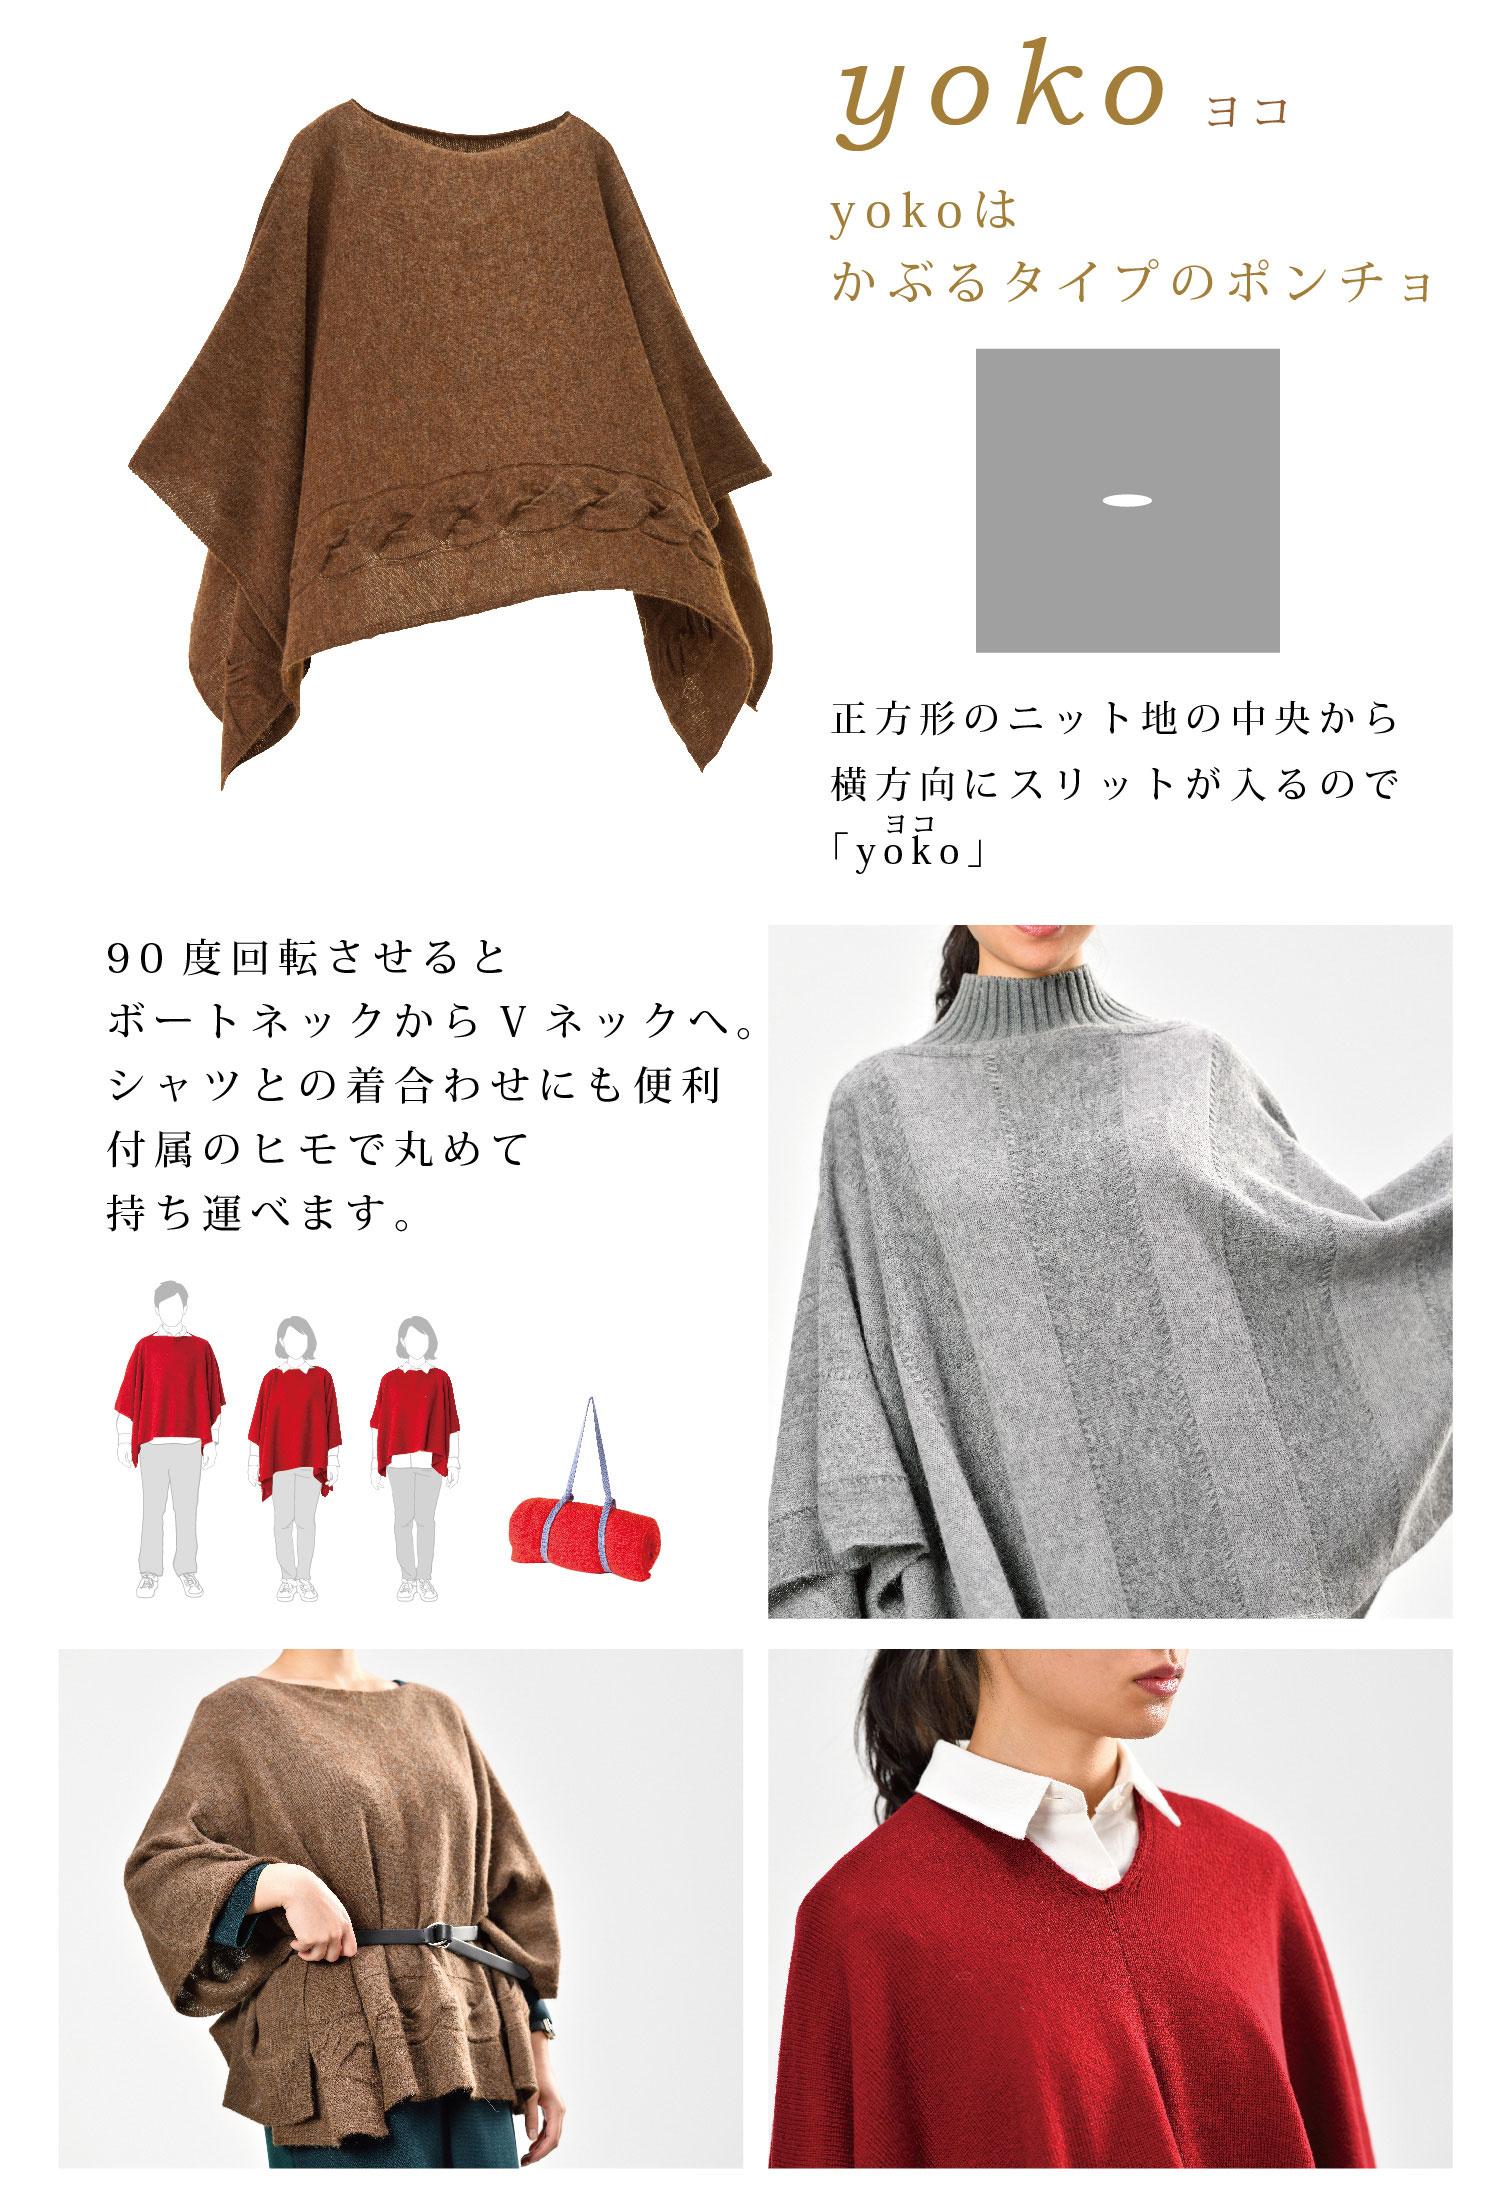 かぶるタイプのポンチョ yoko(よこ)